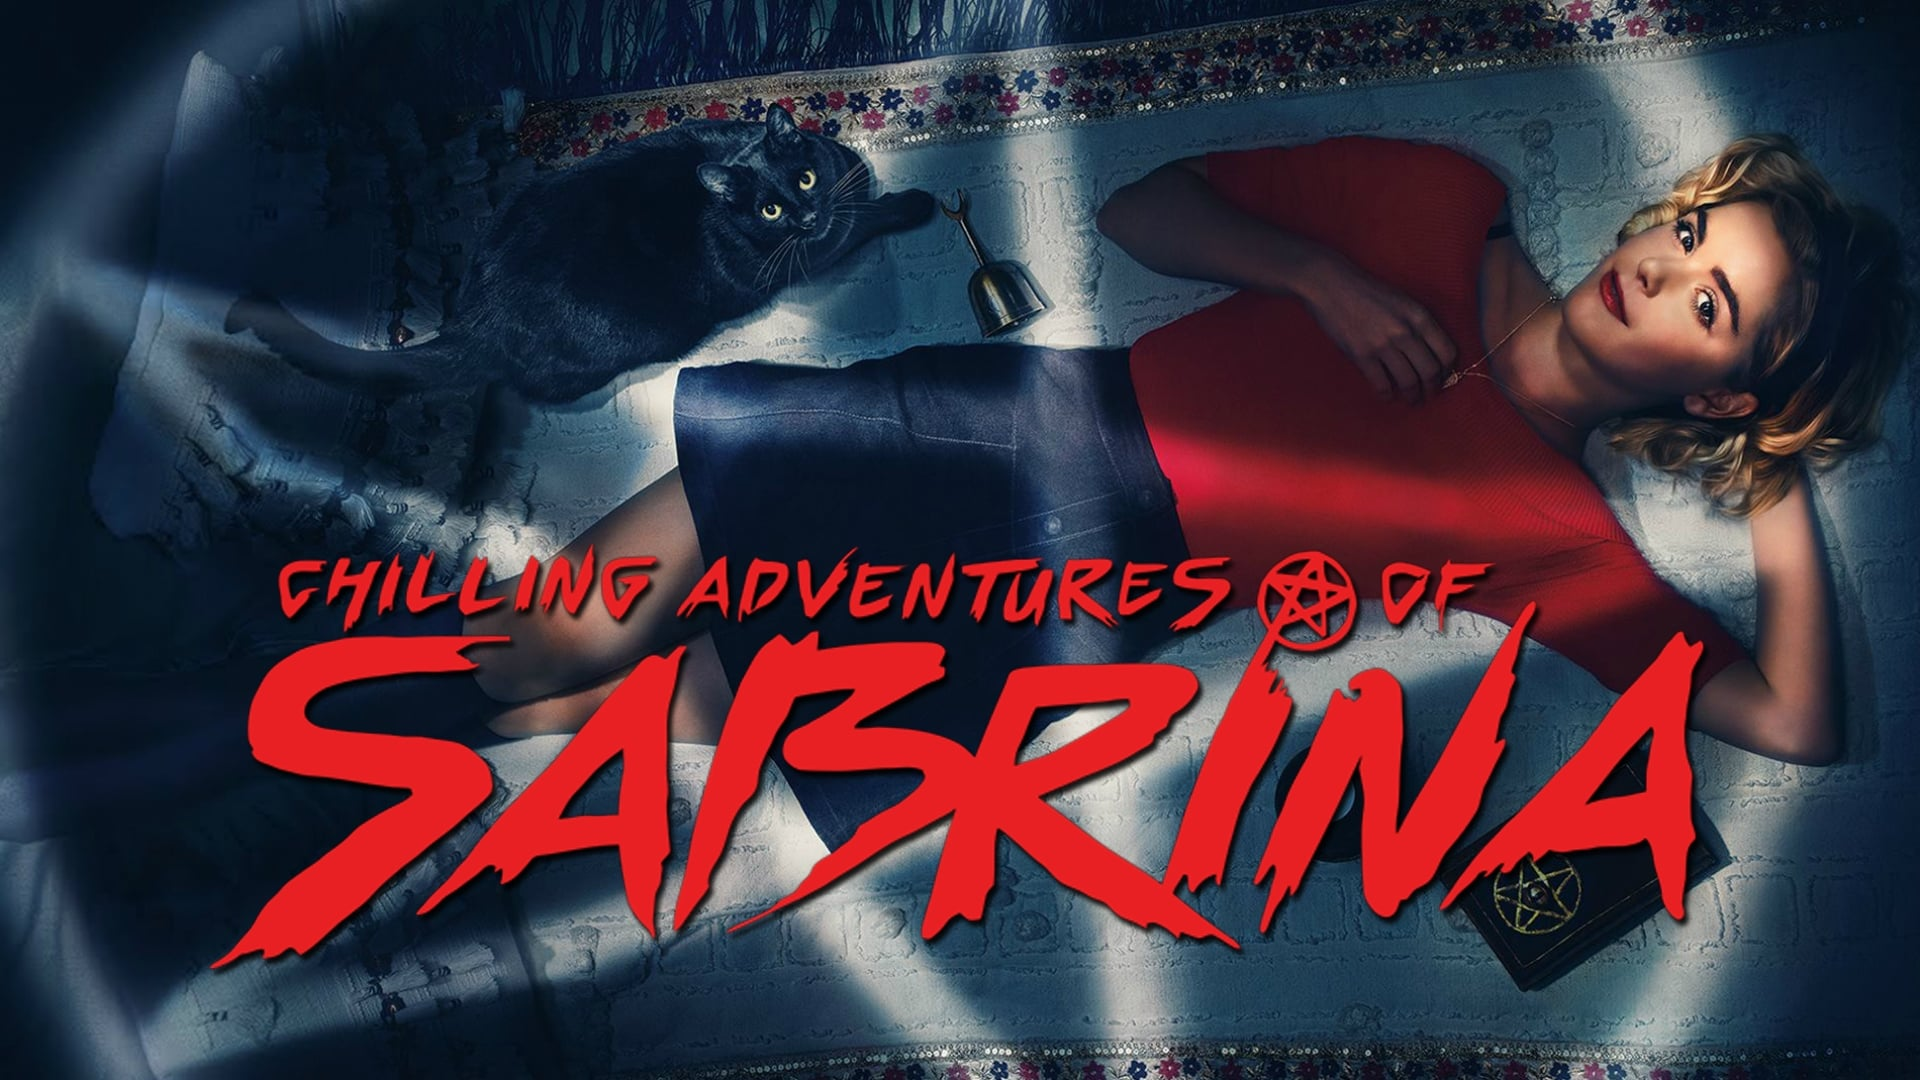 Ver Online Las Escalofriantes Aventuras De Sabrina